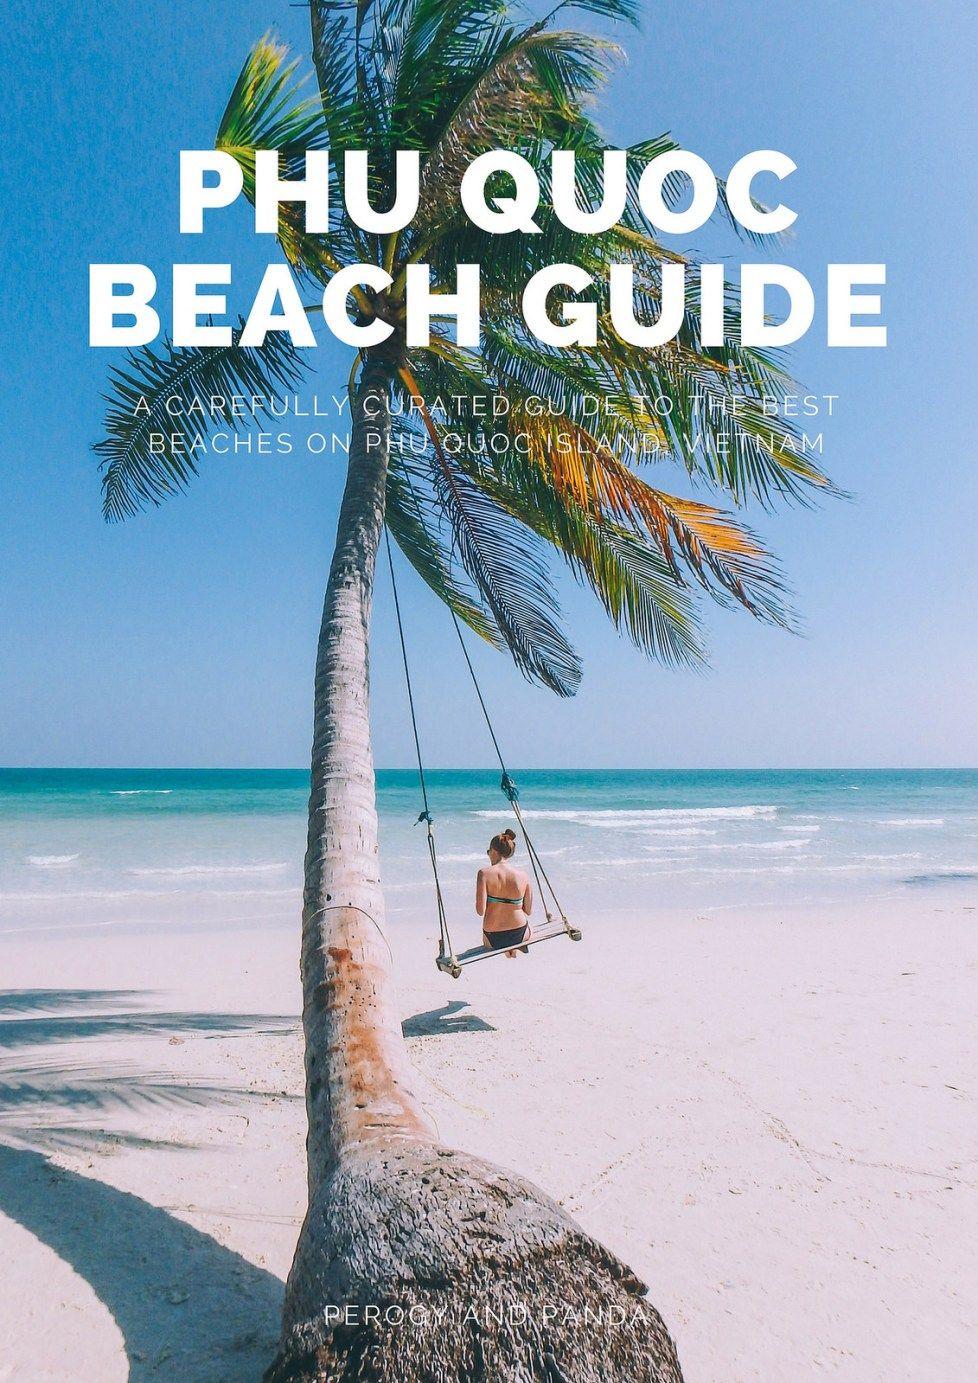 Beach guide Nude Photos 43